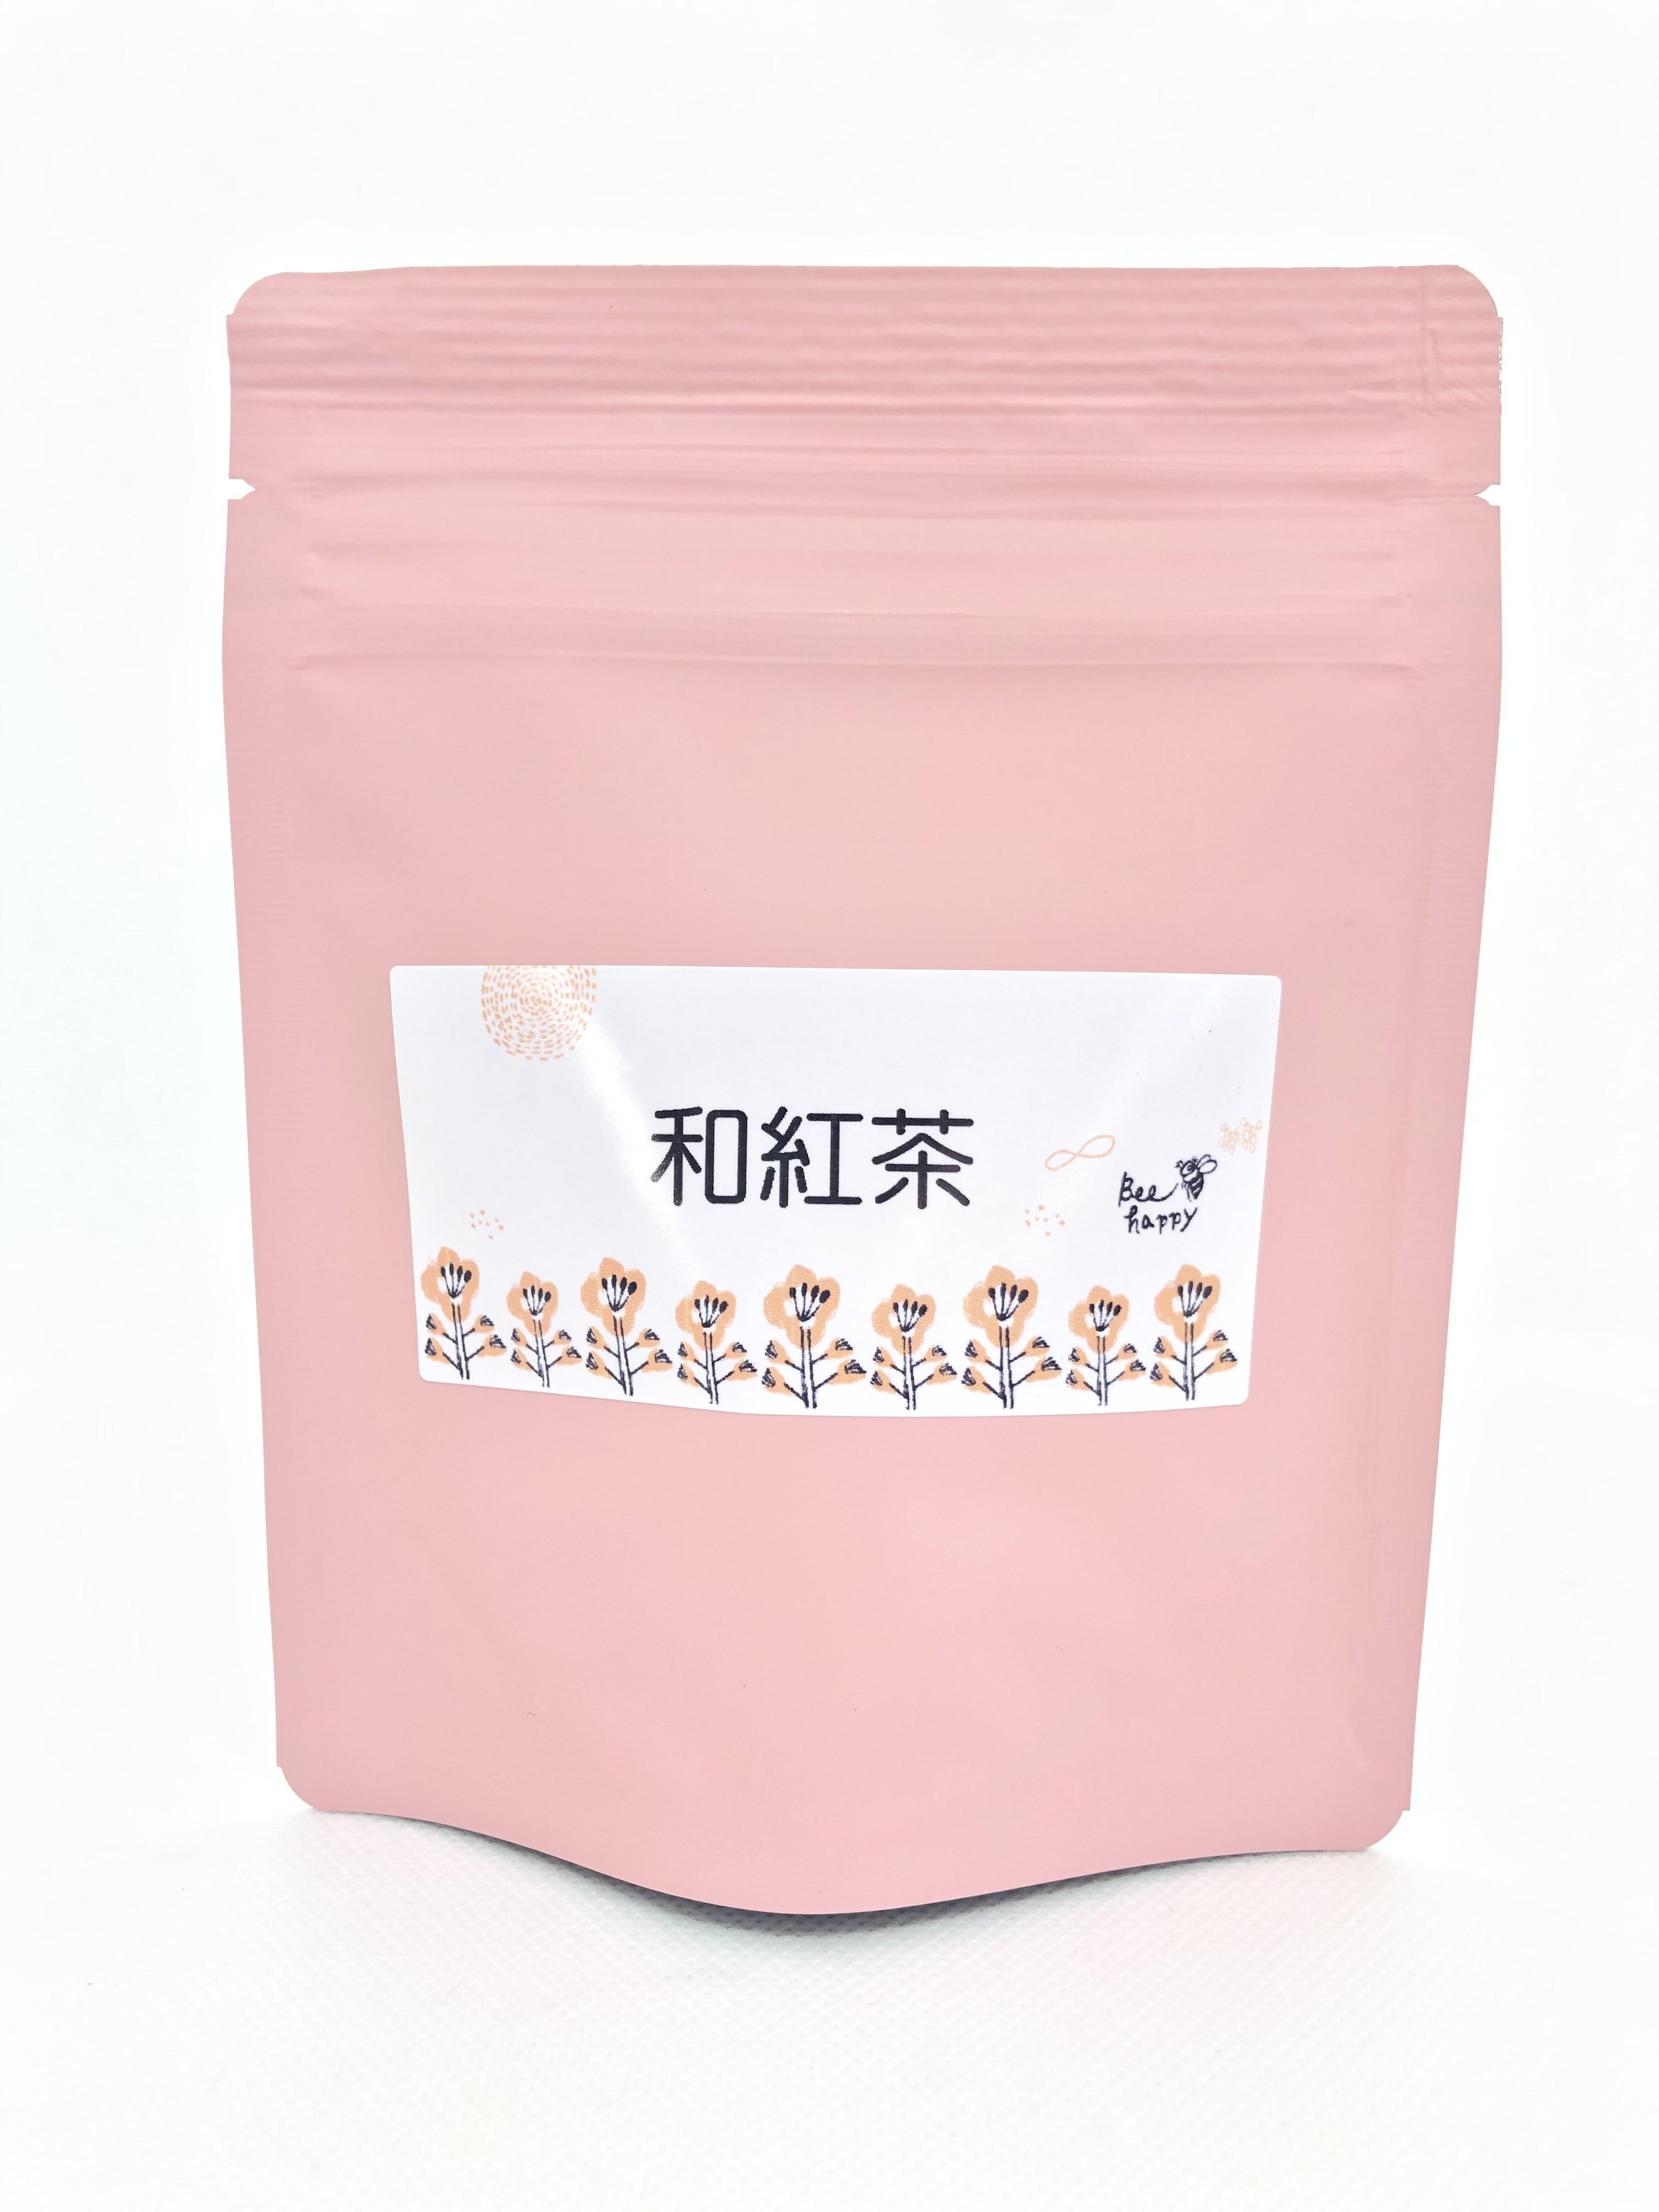 「和紅茶」はちみつに合う紅茶(ティーパック)